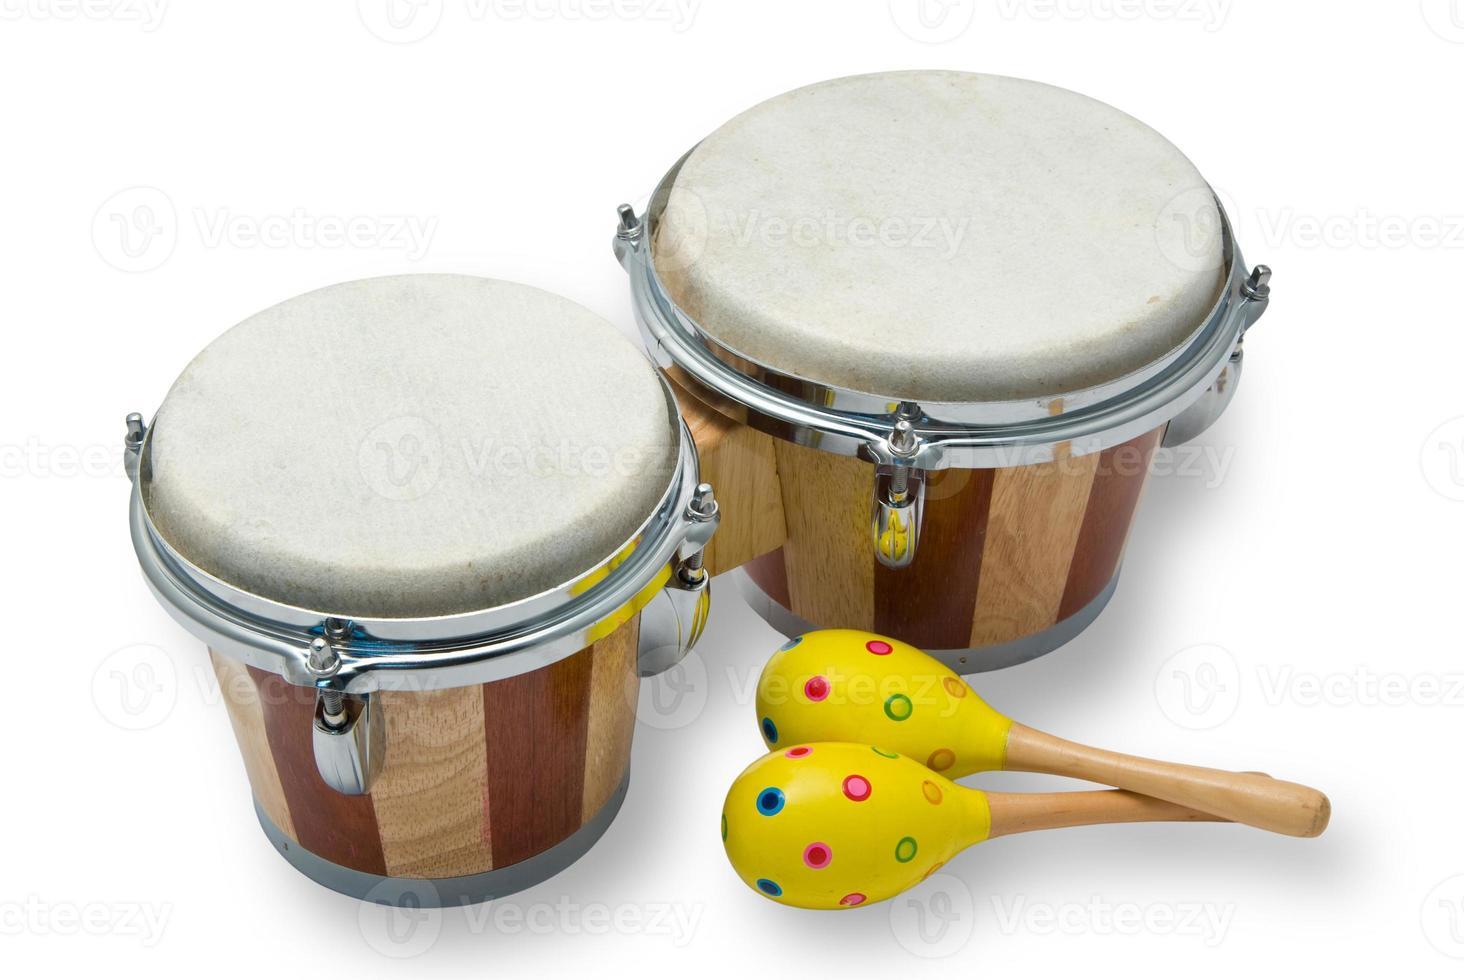 bongo drums en maracas op wit wordt geïsoleerd foto